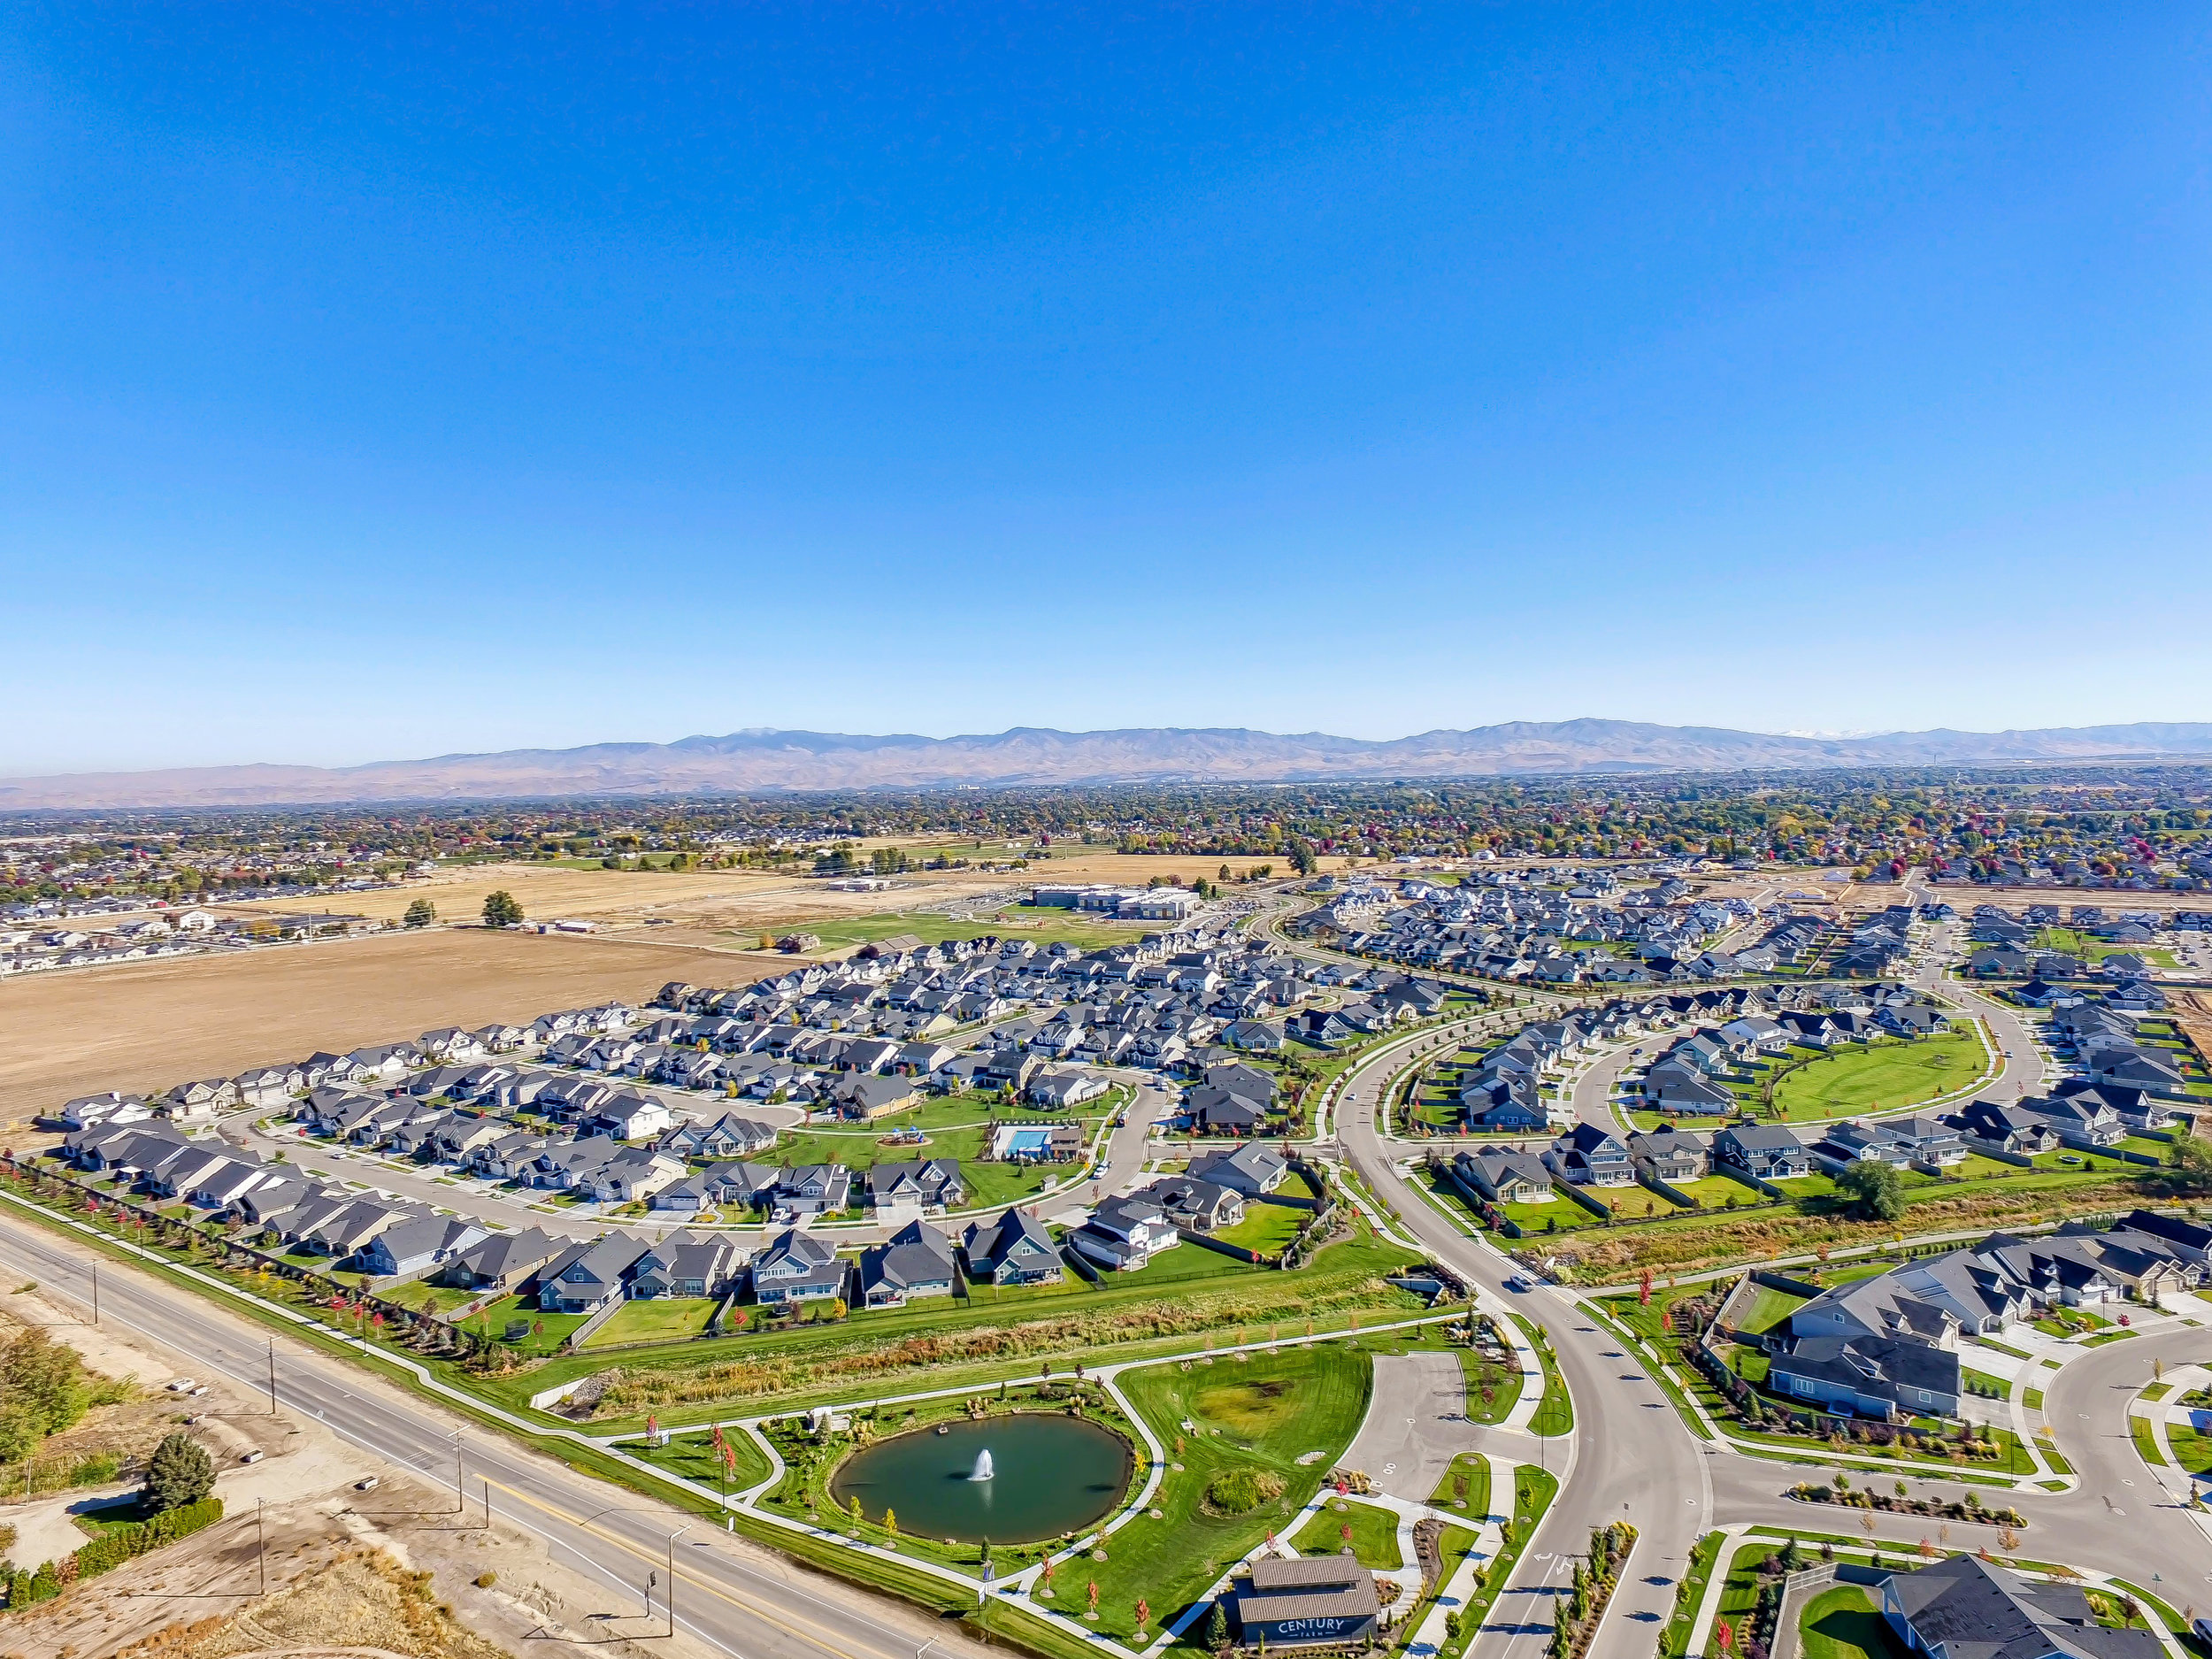 016_Aerial Community View_1.jpg